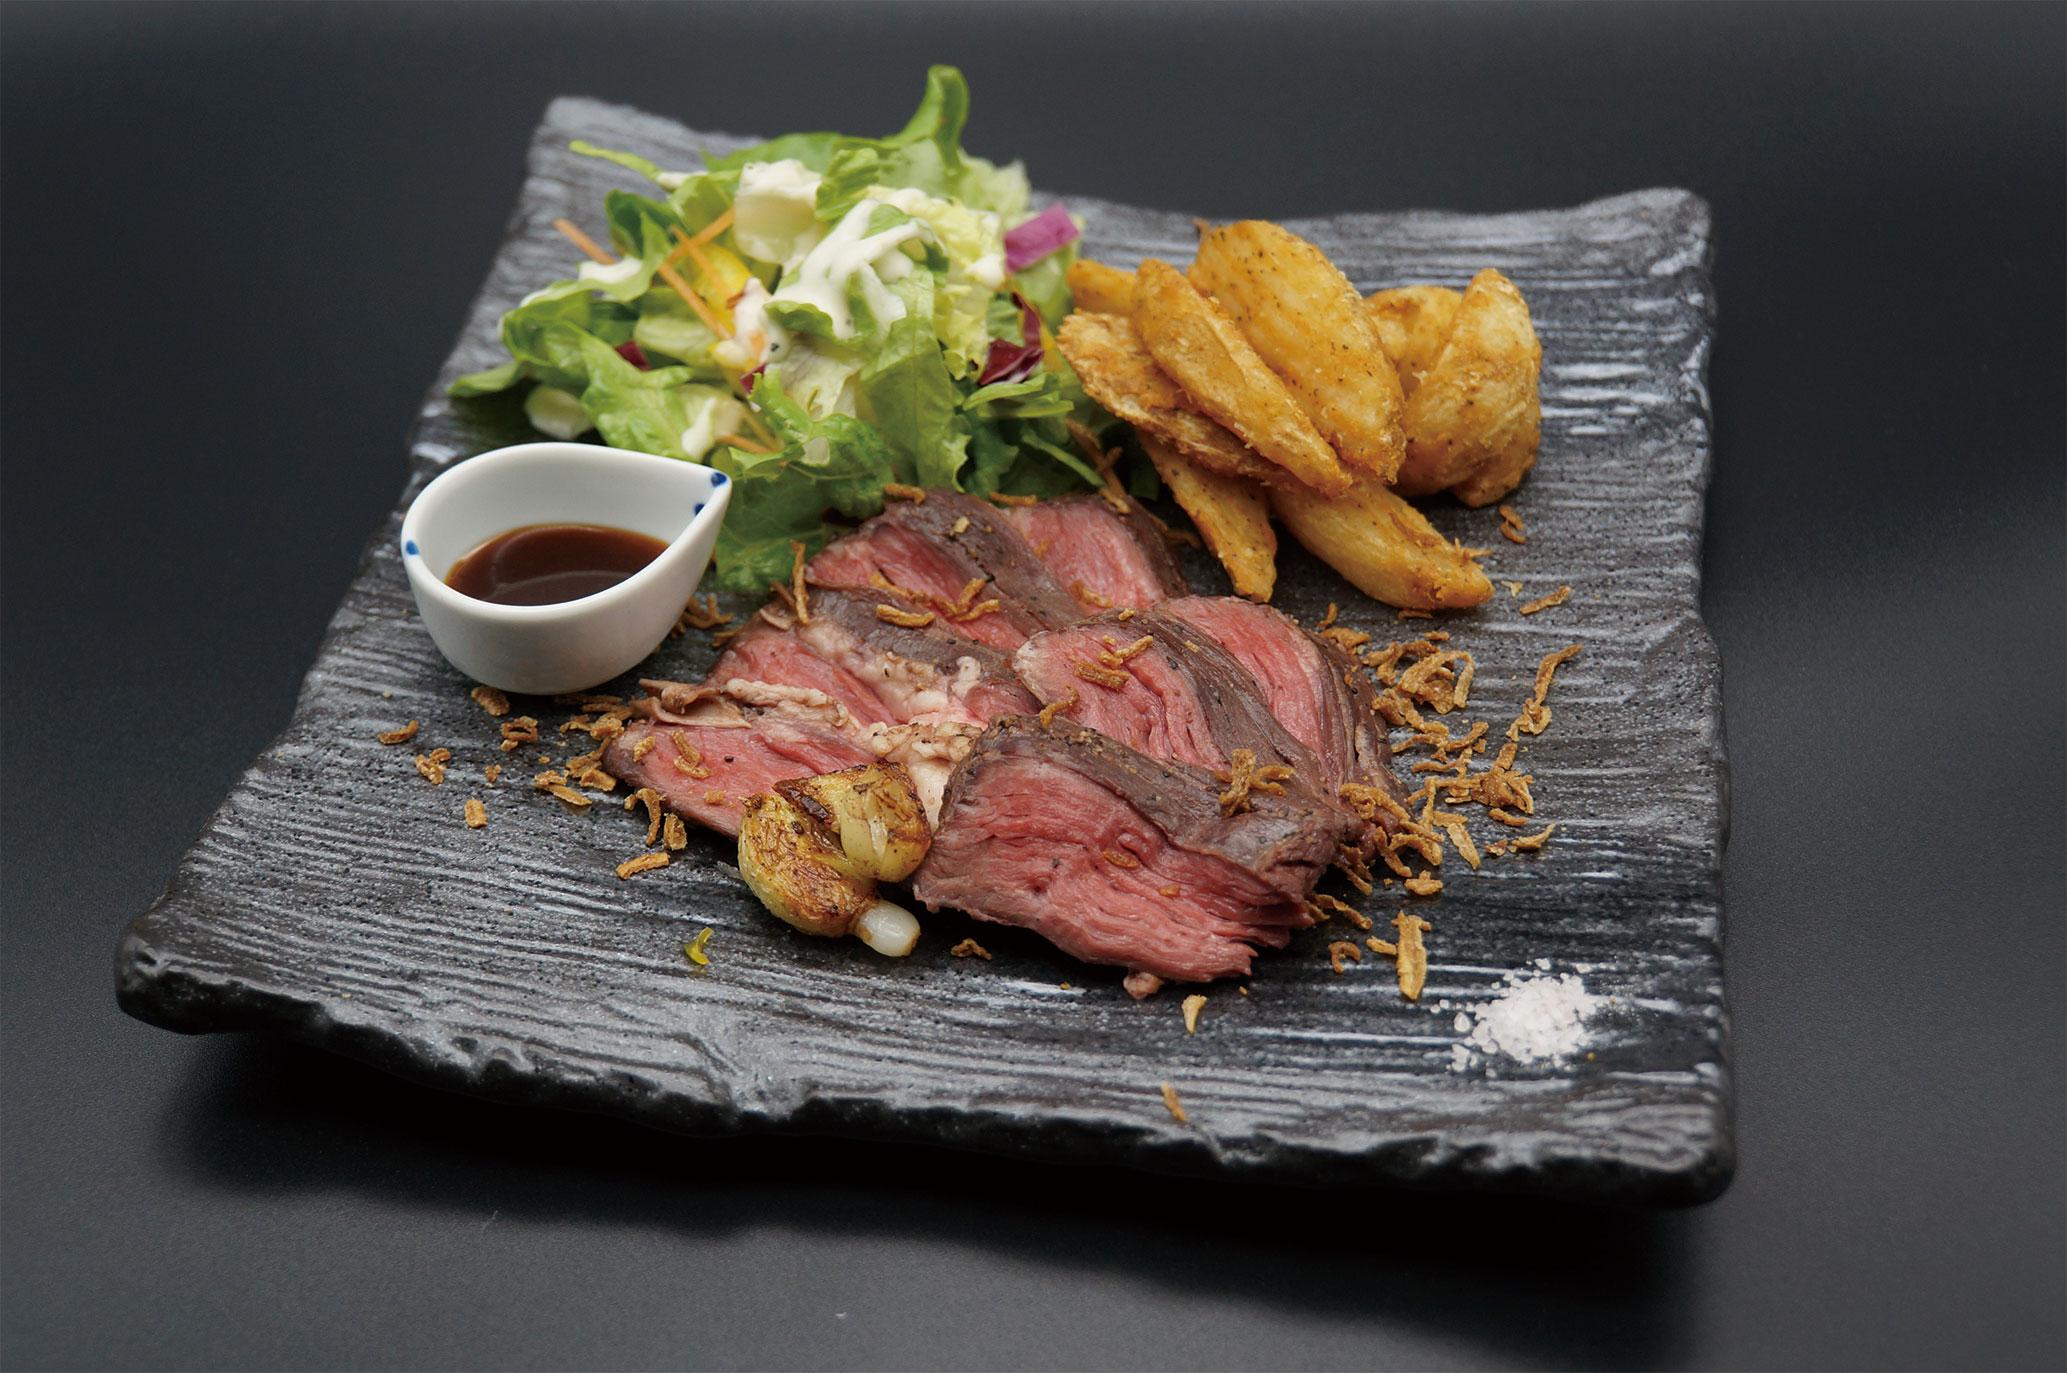 「牛ハラミのステーキ(1370円)」。低温調理でじっくりと旨味を浸透させた1品。ファミリーにも大人気!です